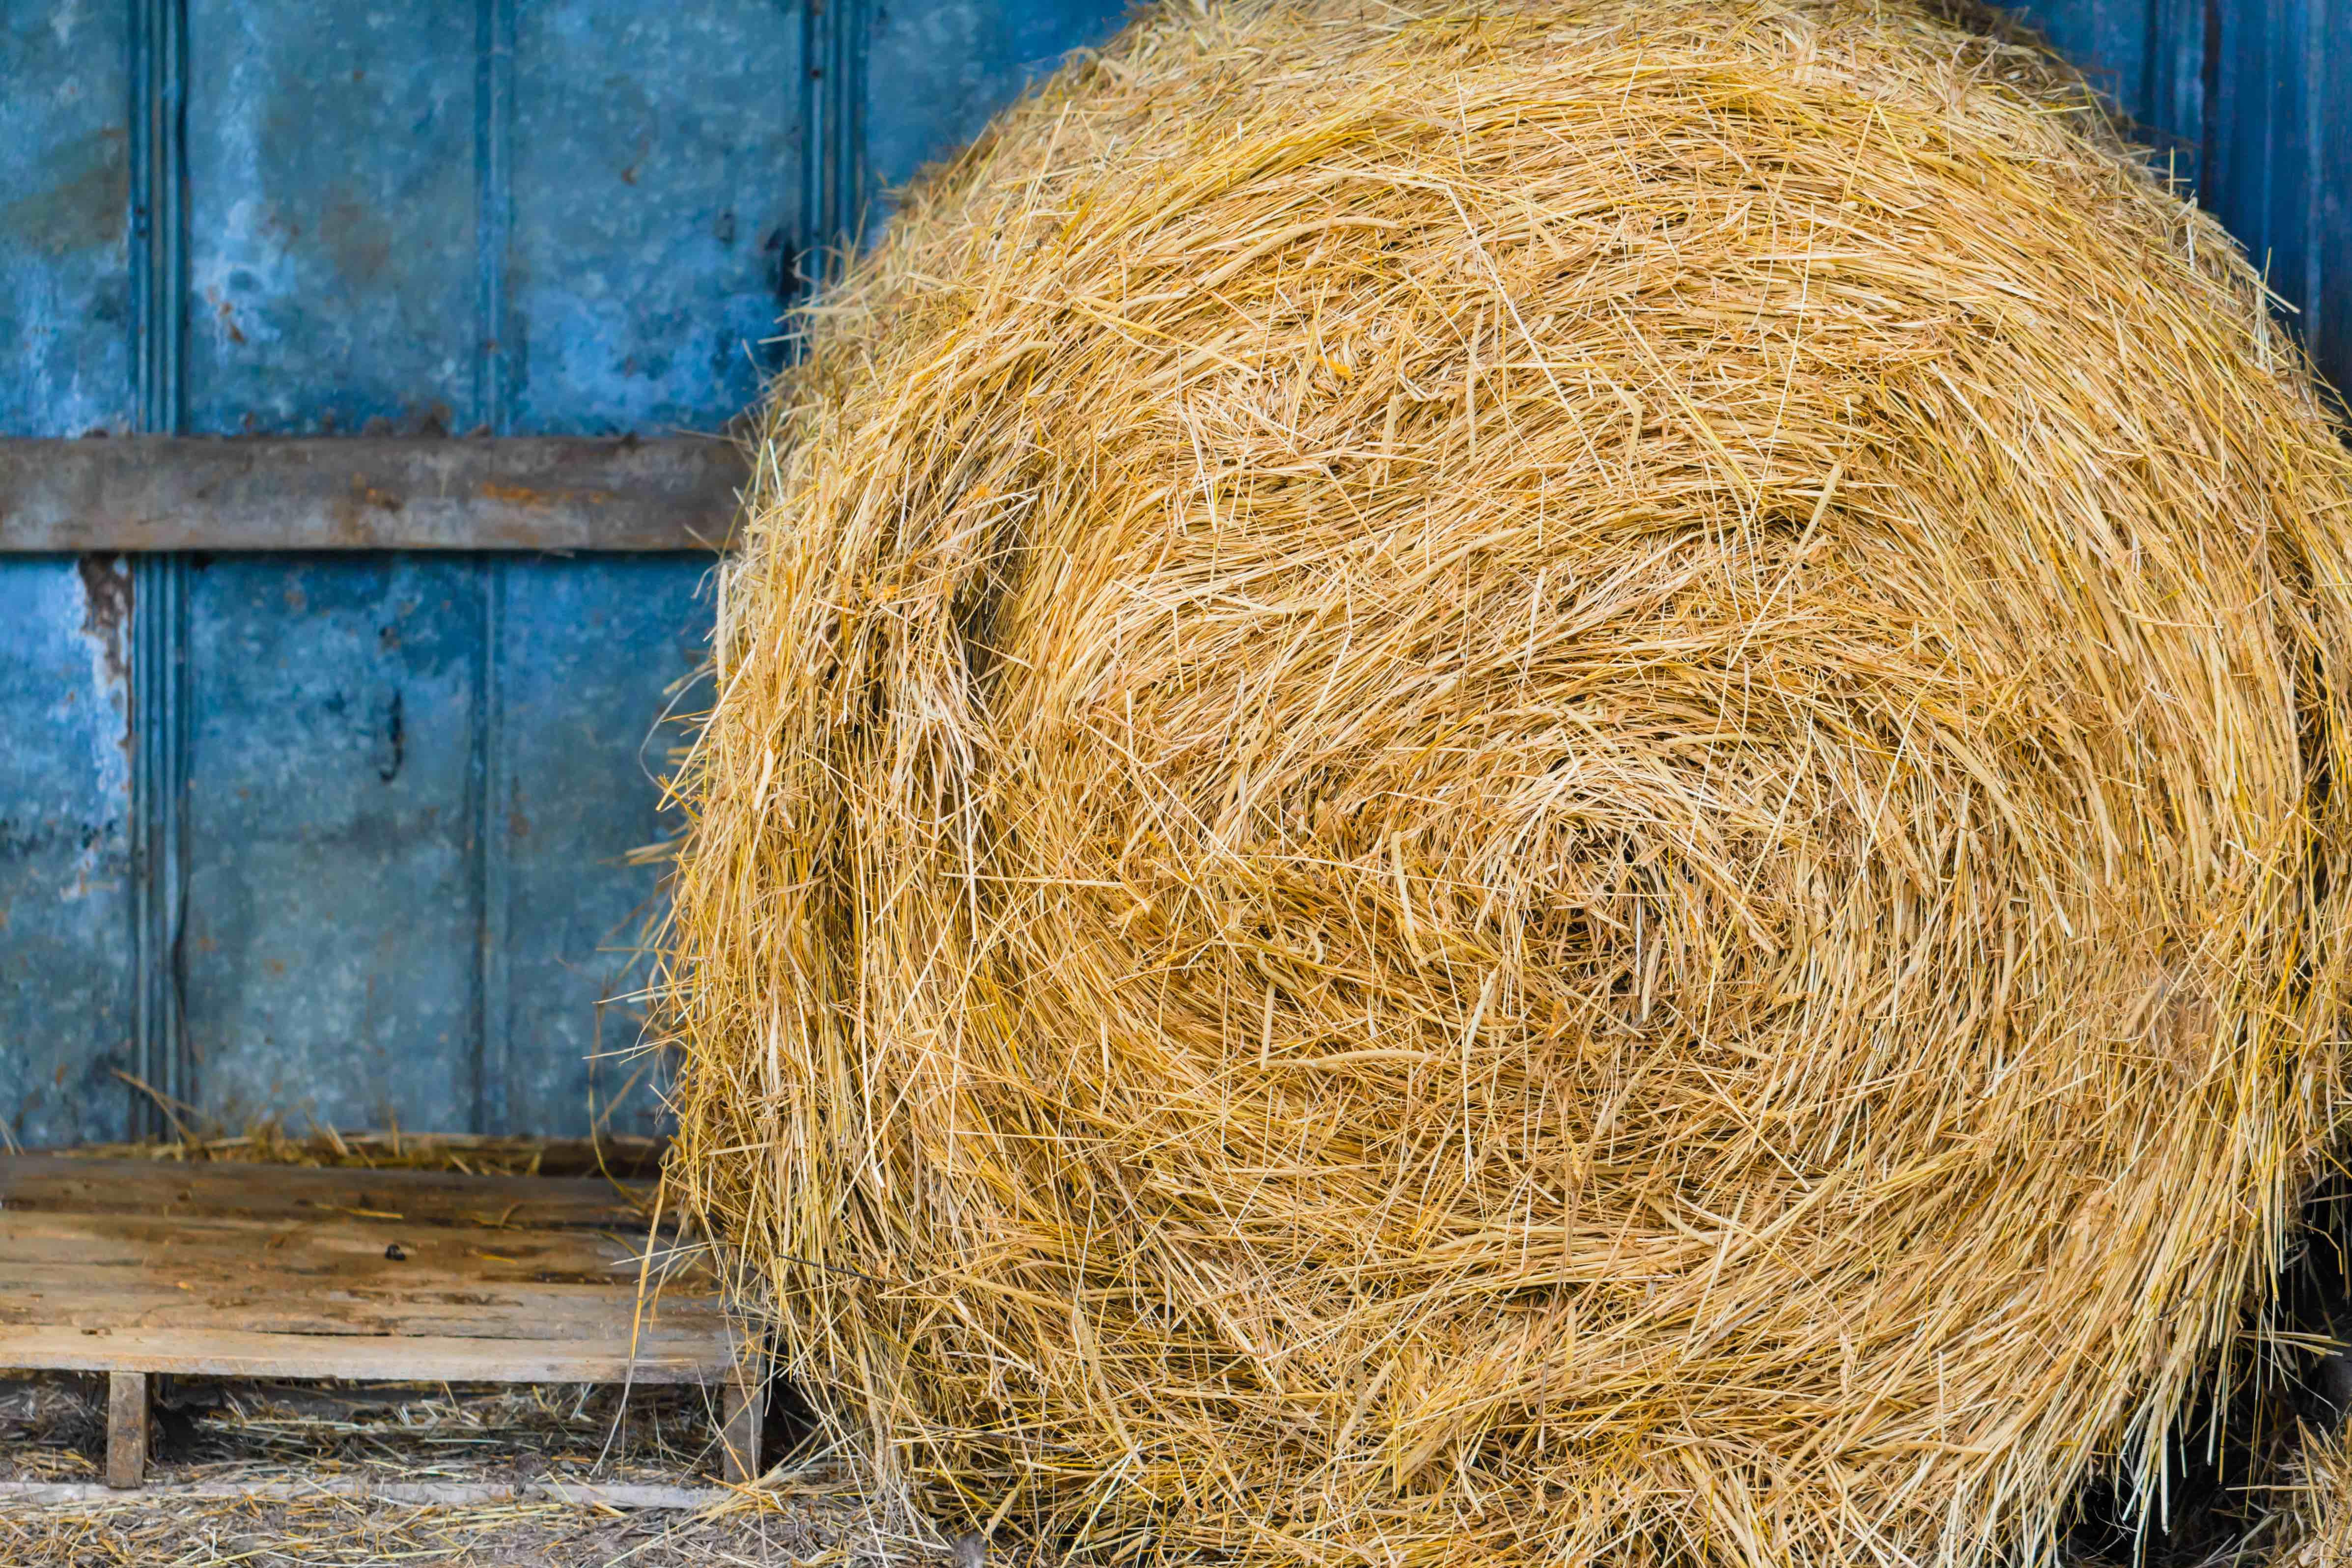 Measuring Moisture in Hay vs. Grain